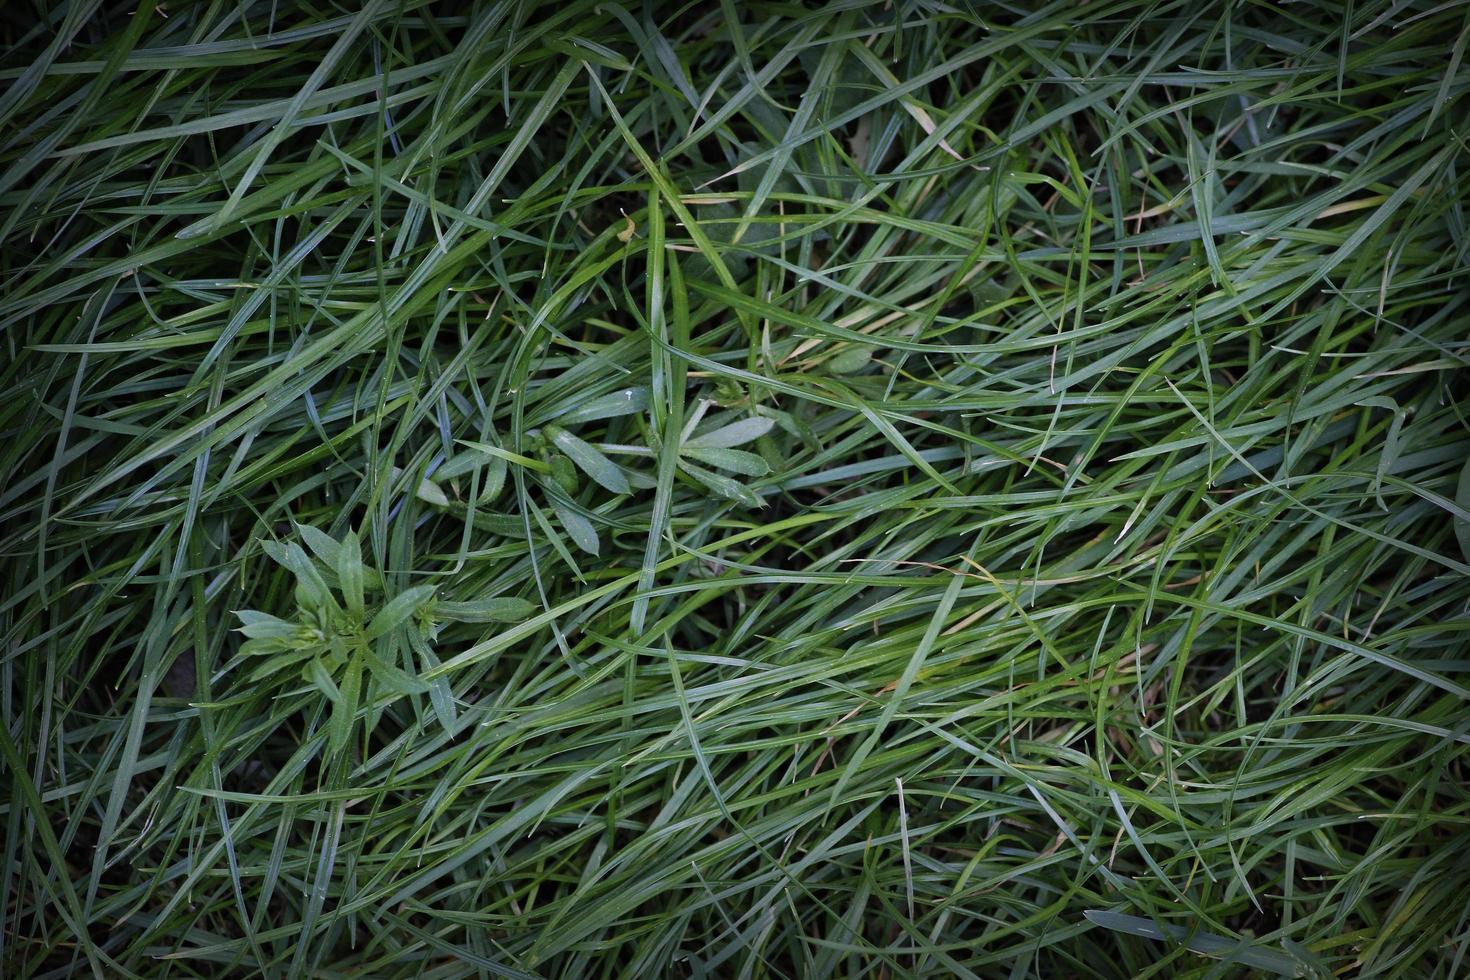 närbild fotografering av olika gröna gräs för grafiskt arbete foto